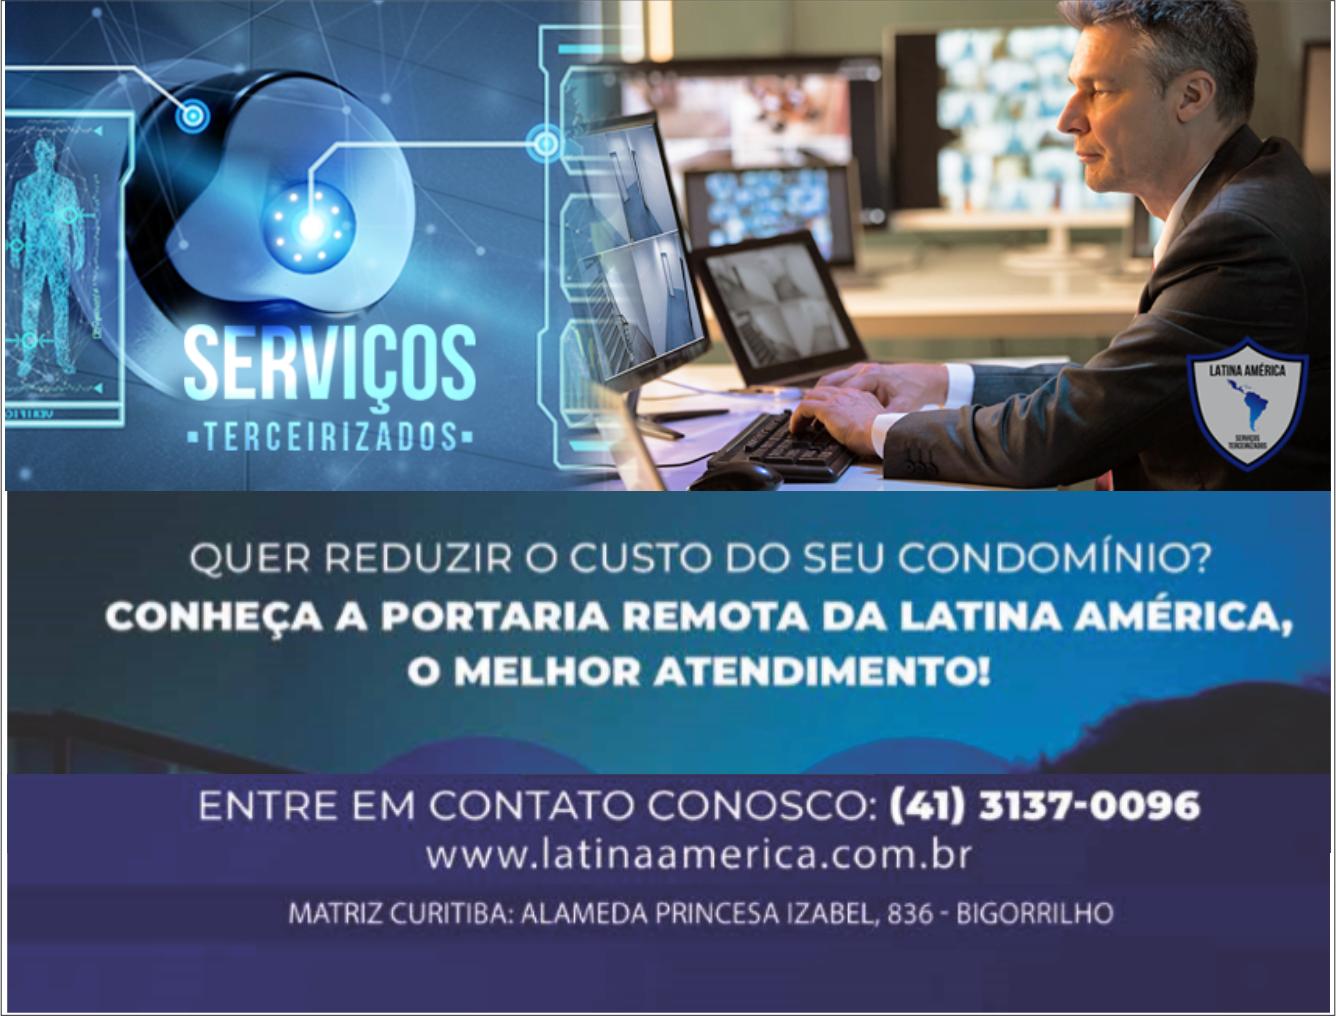 Latino América Serviços - 3137-0096  99893-5292